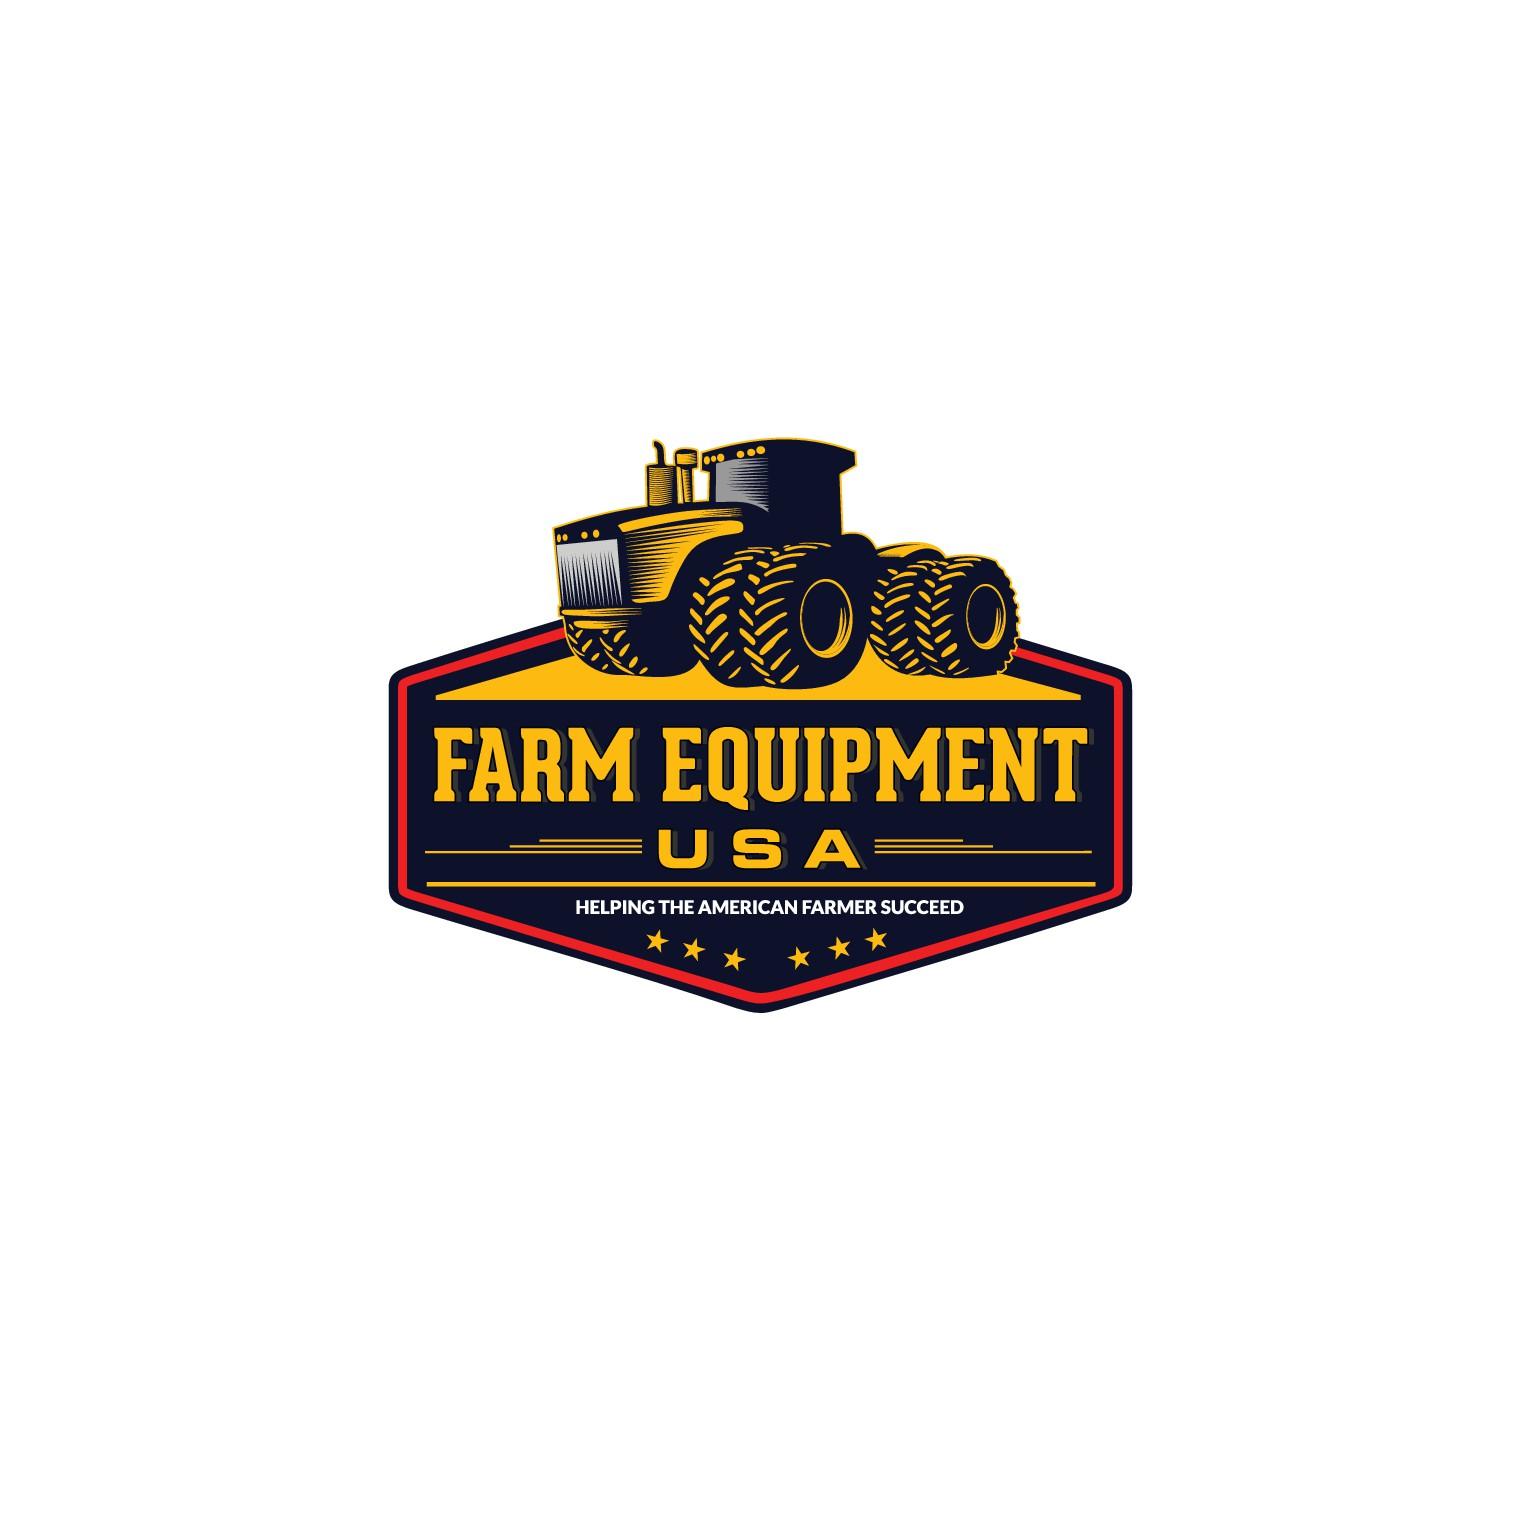 Farm Equipment USA needs Logo to define them